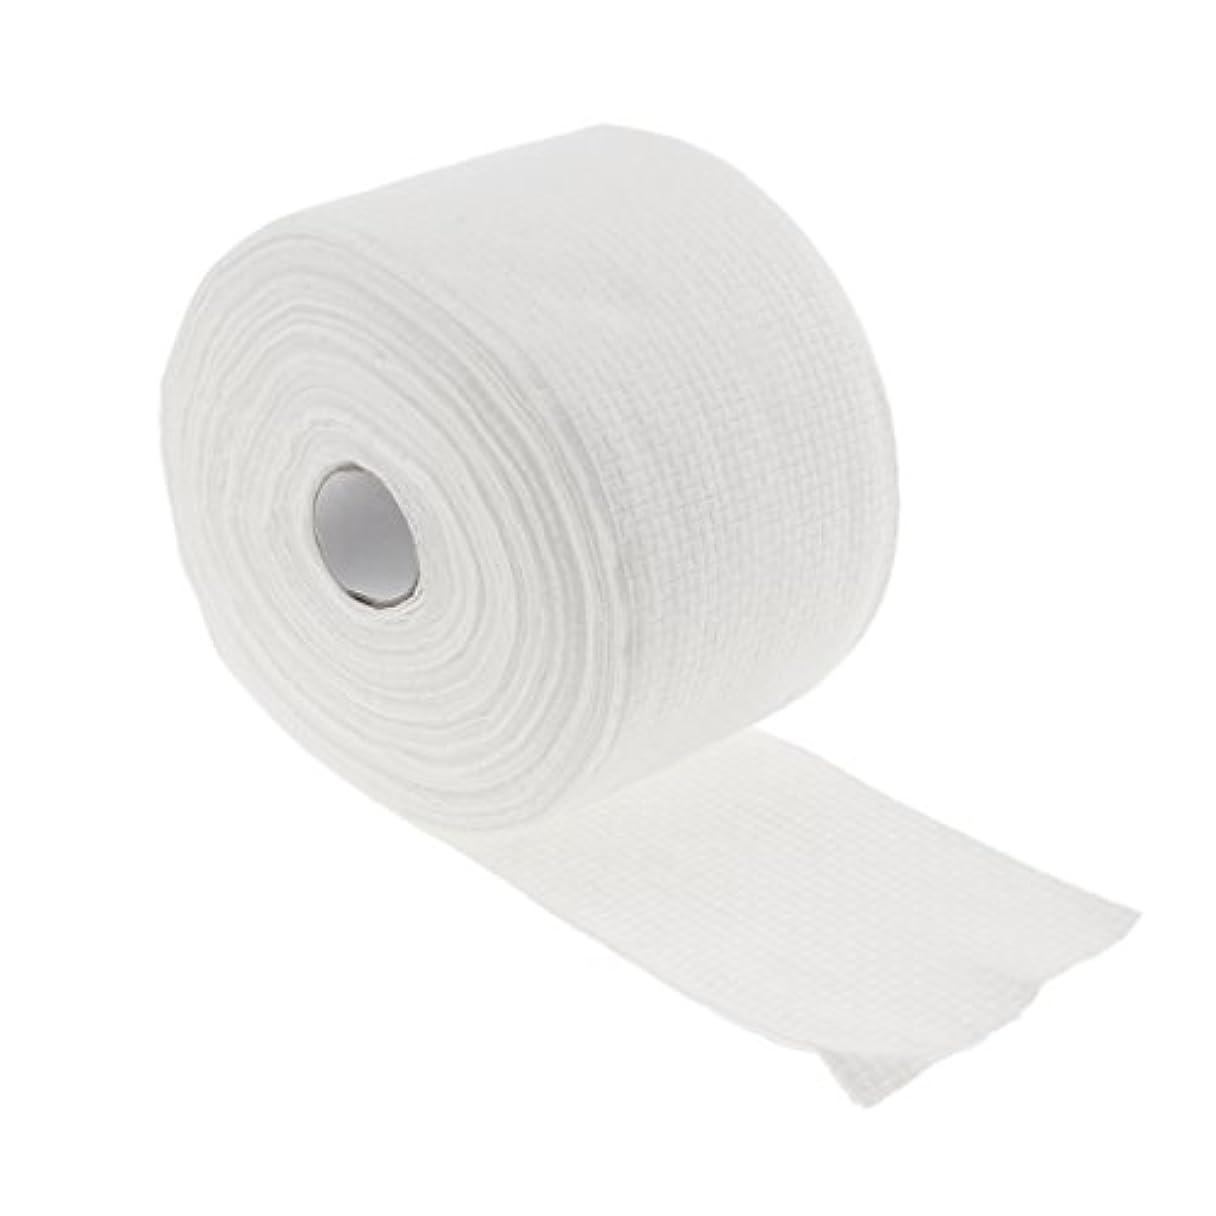 十分に自宅でメイド1ロール30メートル使い捨てタオル繊維クレンジングフェイシャルワイプメイクリムーバー - #1